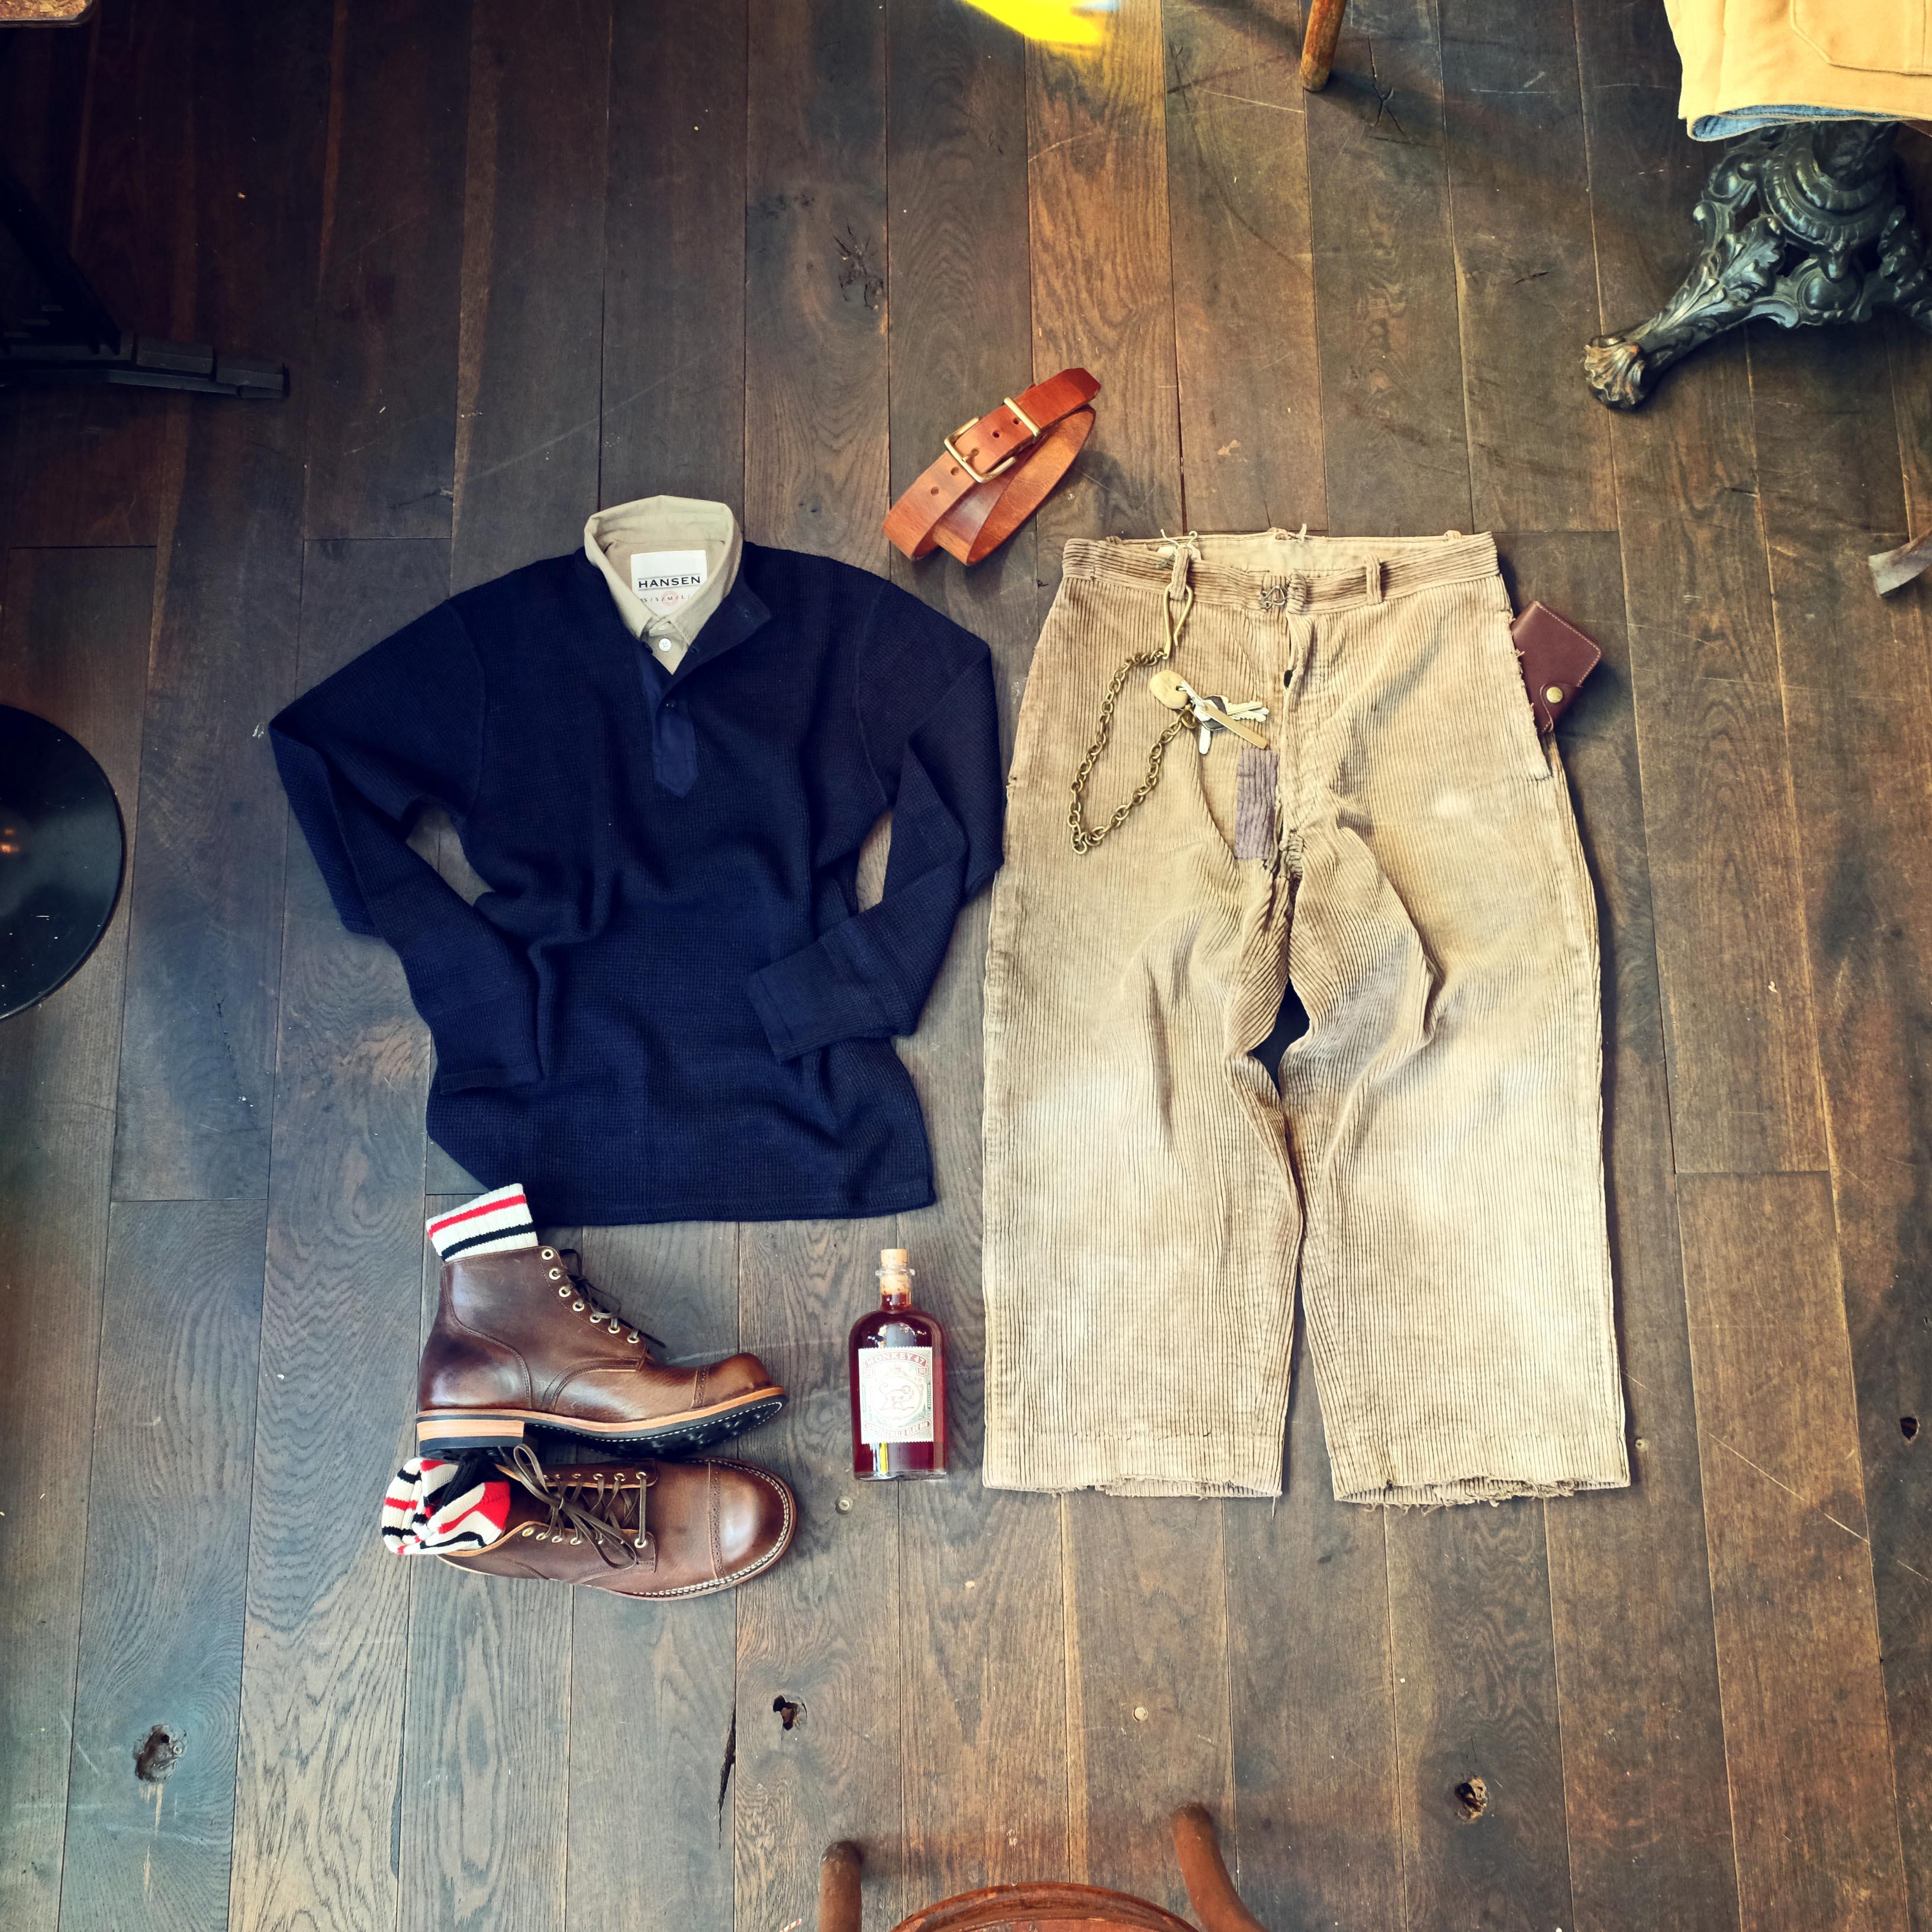 outfit-stevensonoverall-hansen-viberg-vintage